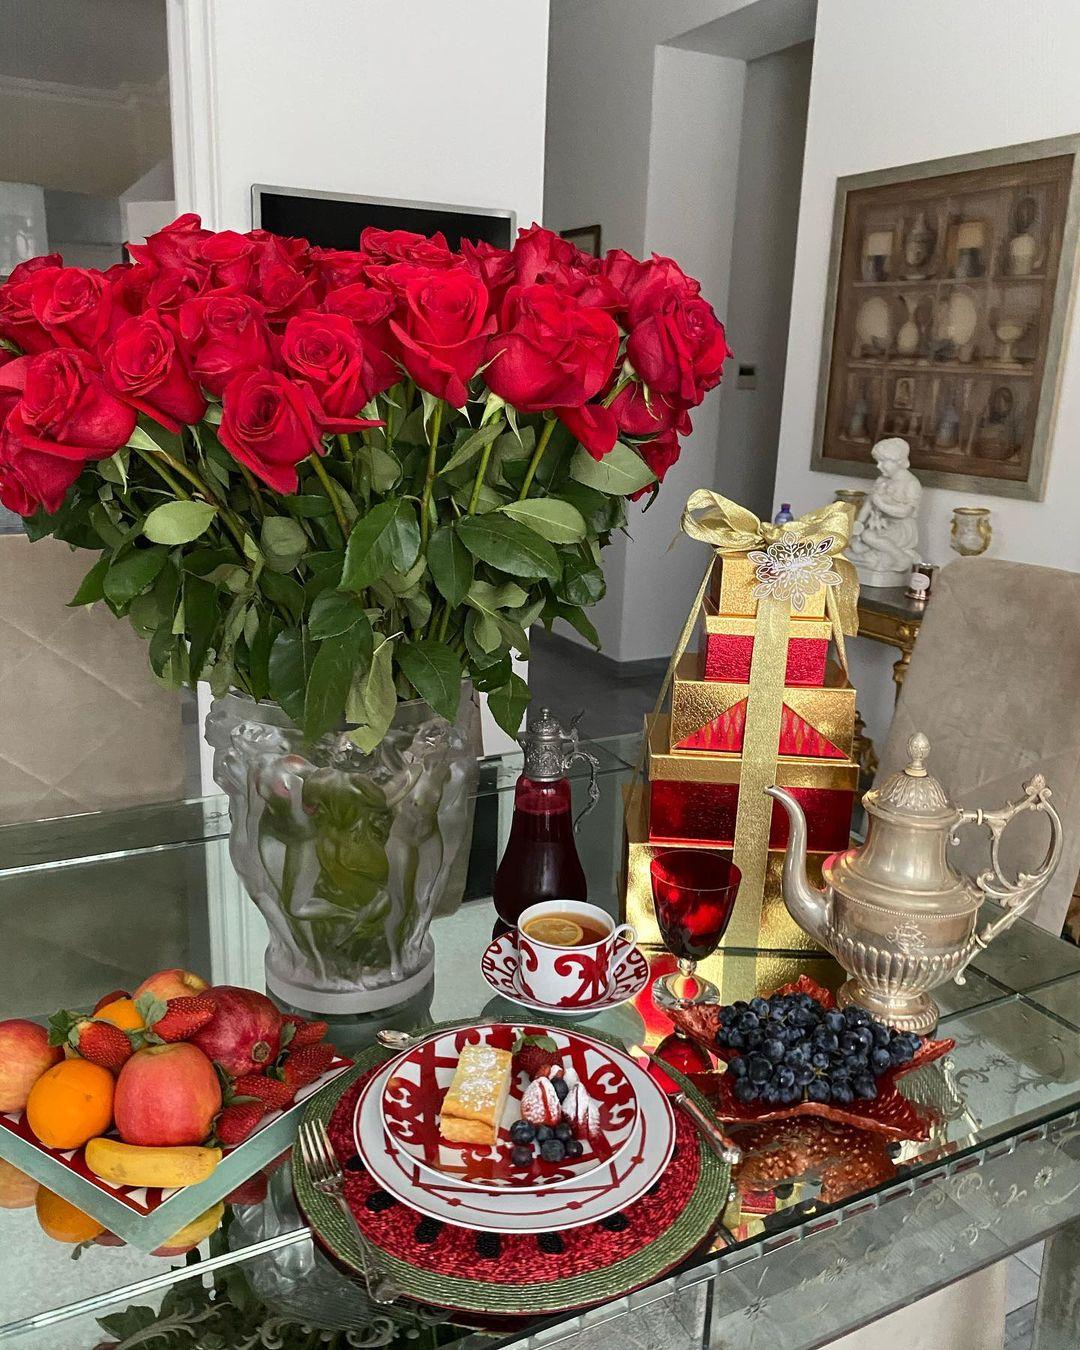 """""""Не так, как у Яны, но от сердца"""": Константин Богомолов показал завтрак Ксении Собчак"""